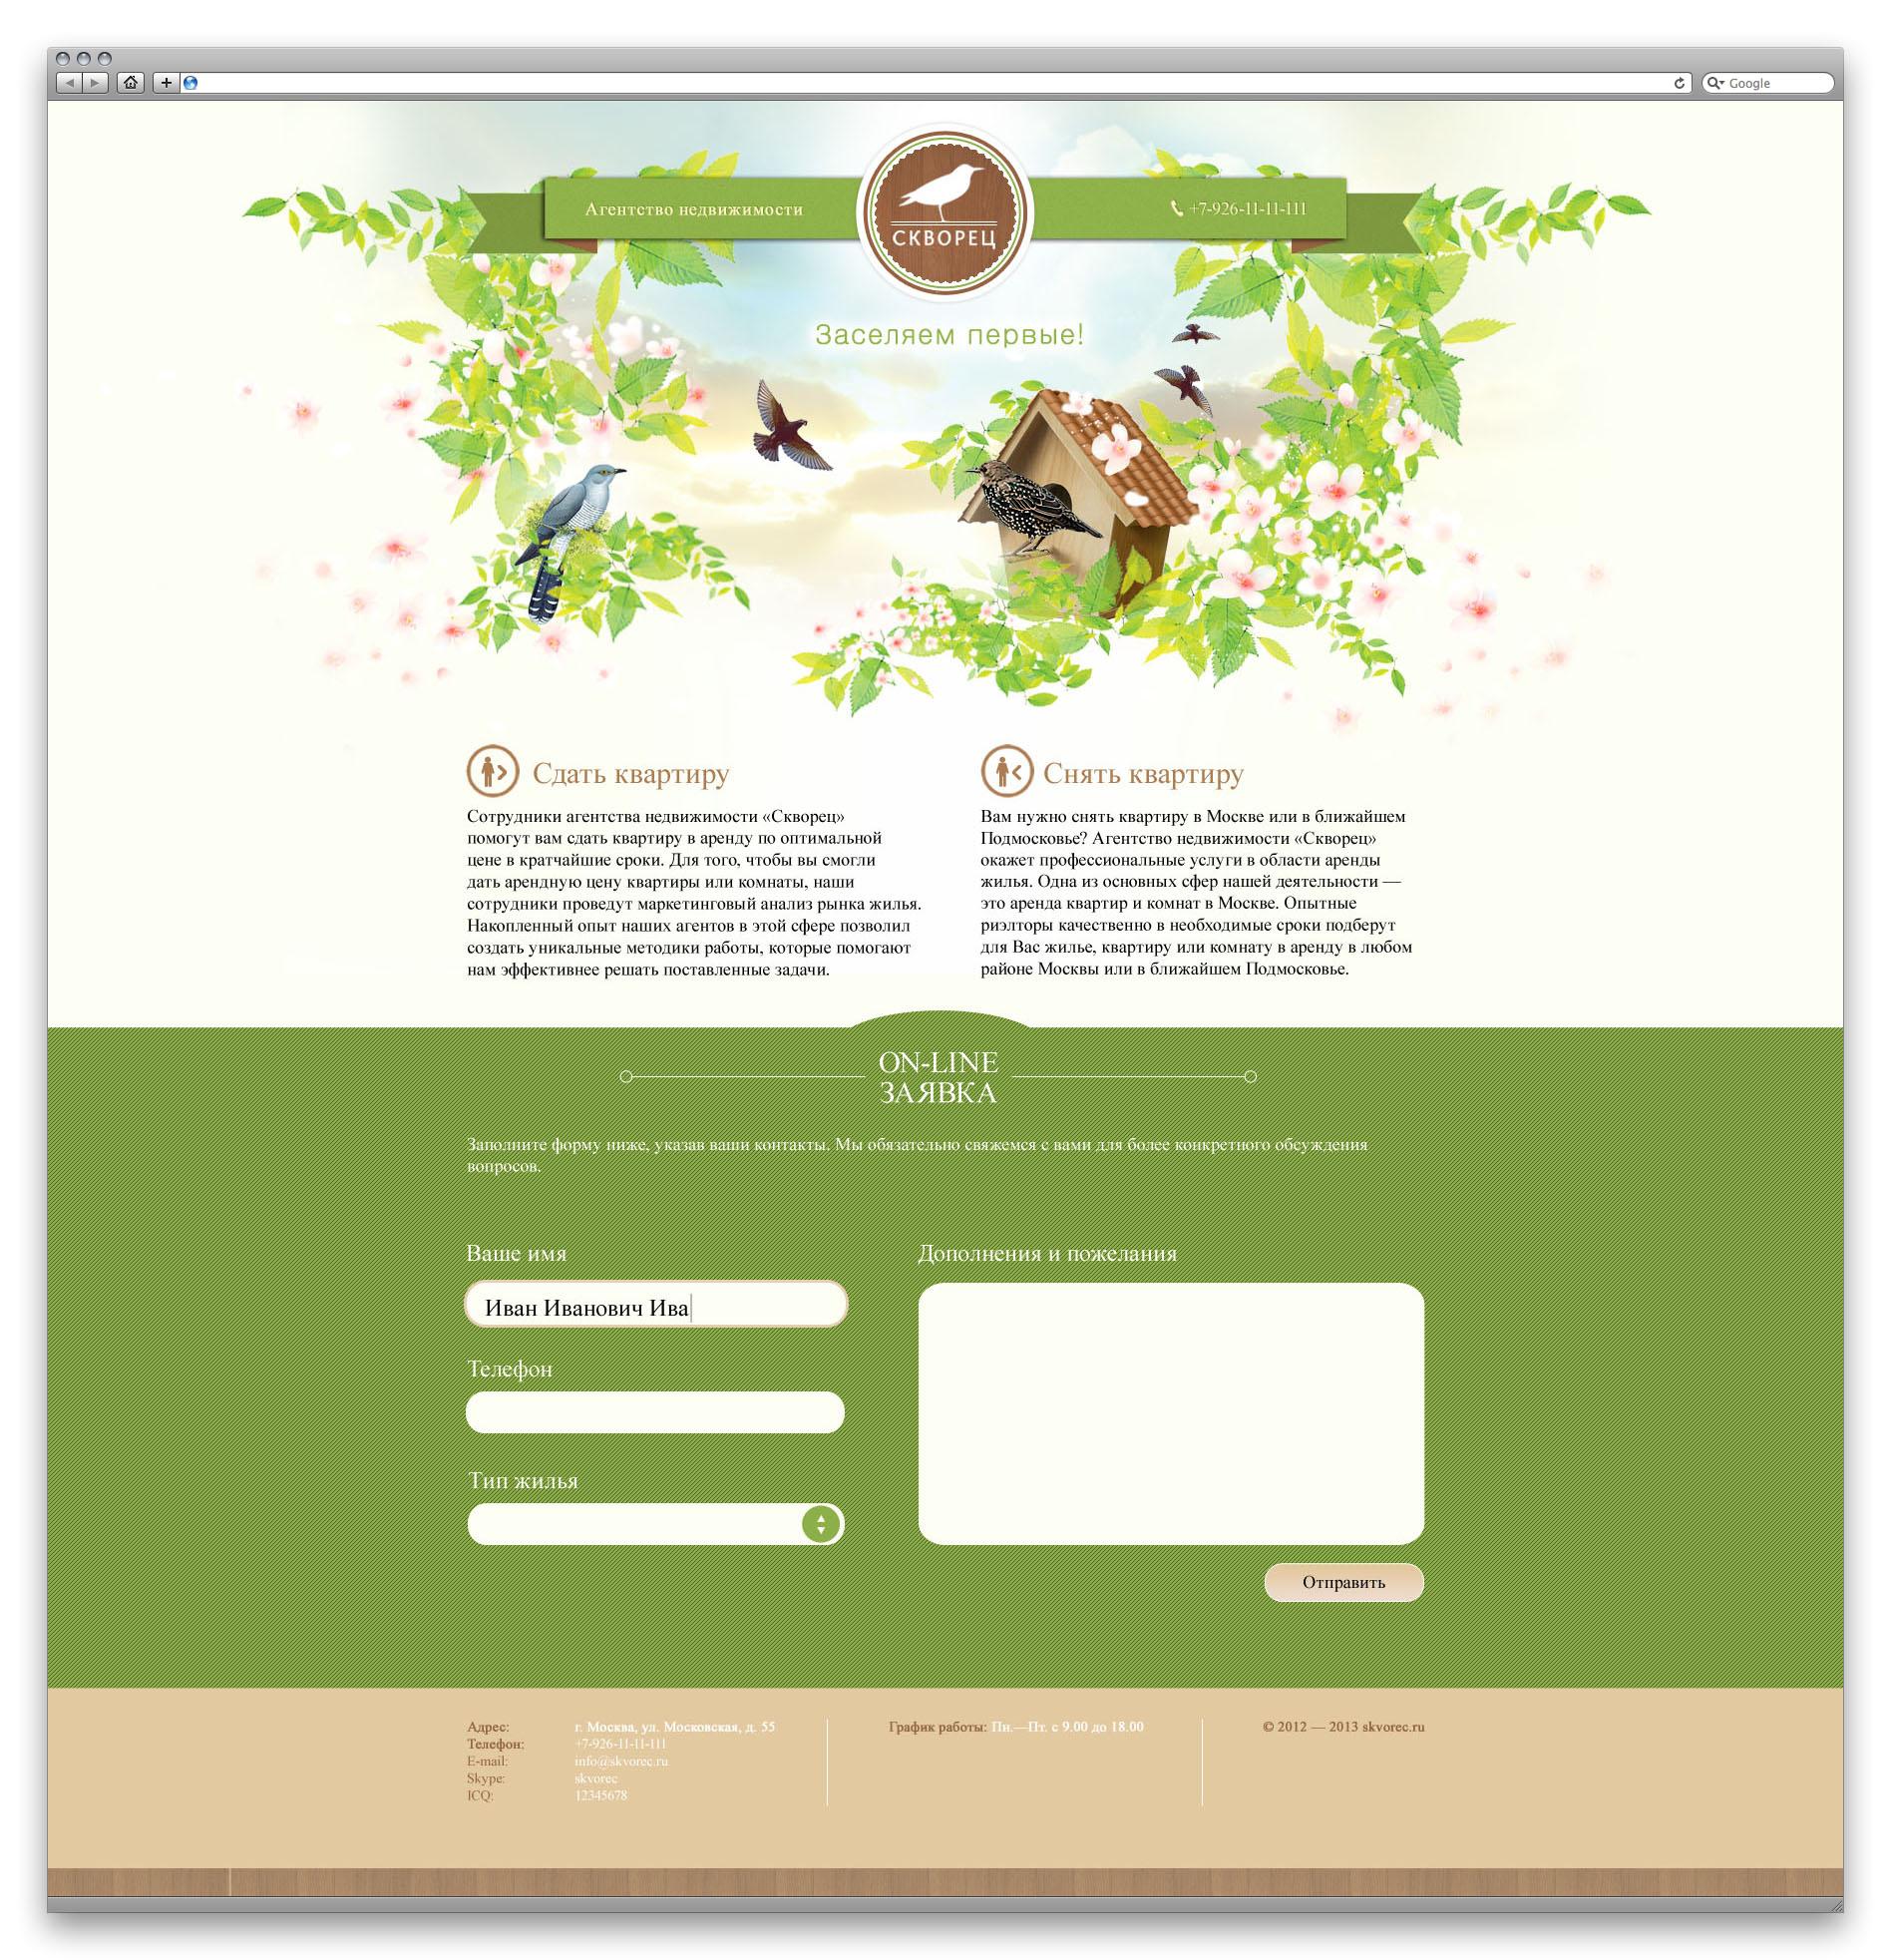 Дизайн главной страницы сайта фото f_503f0feaa6521.jpg